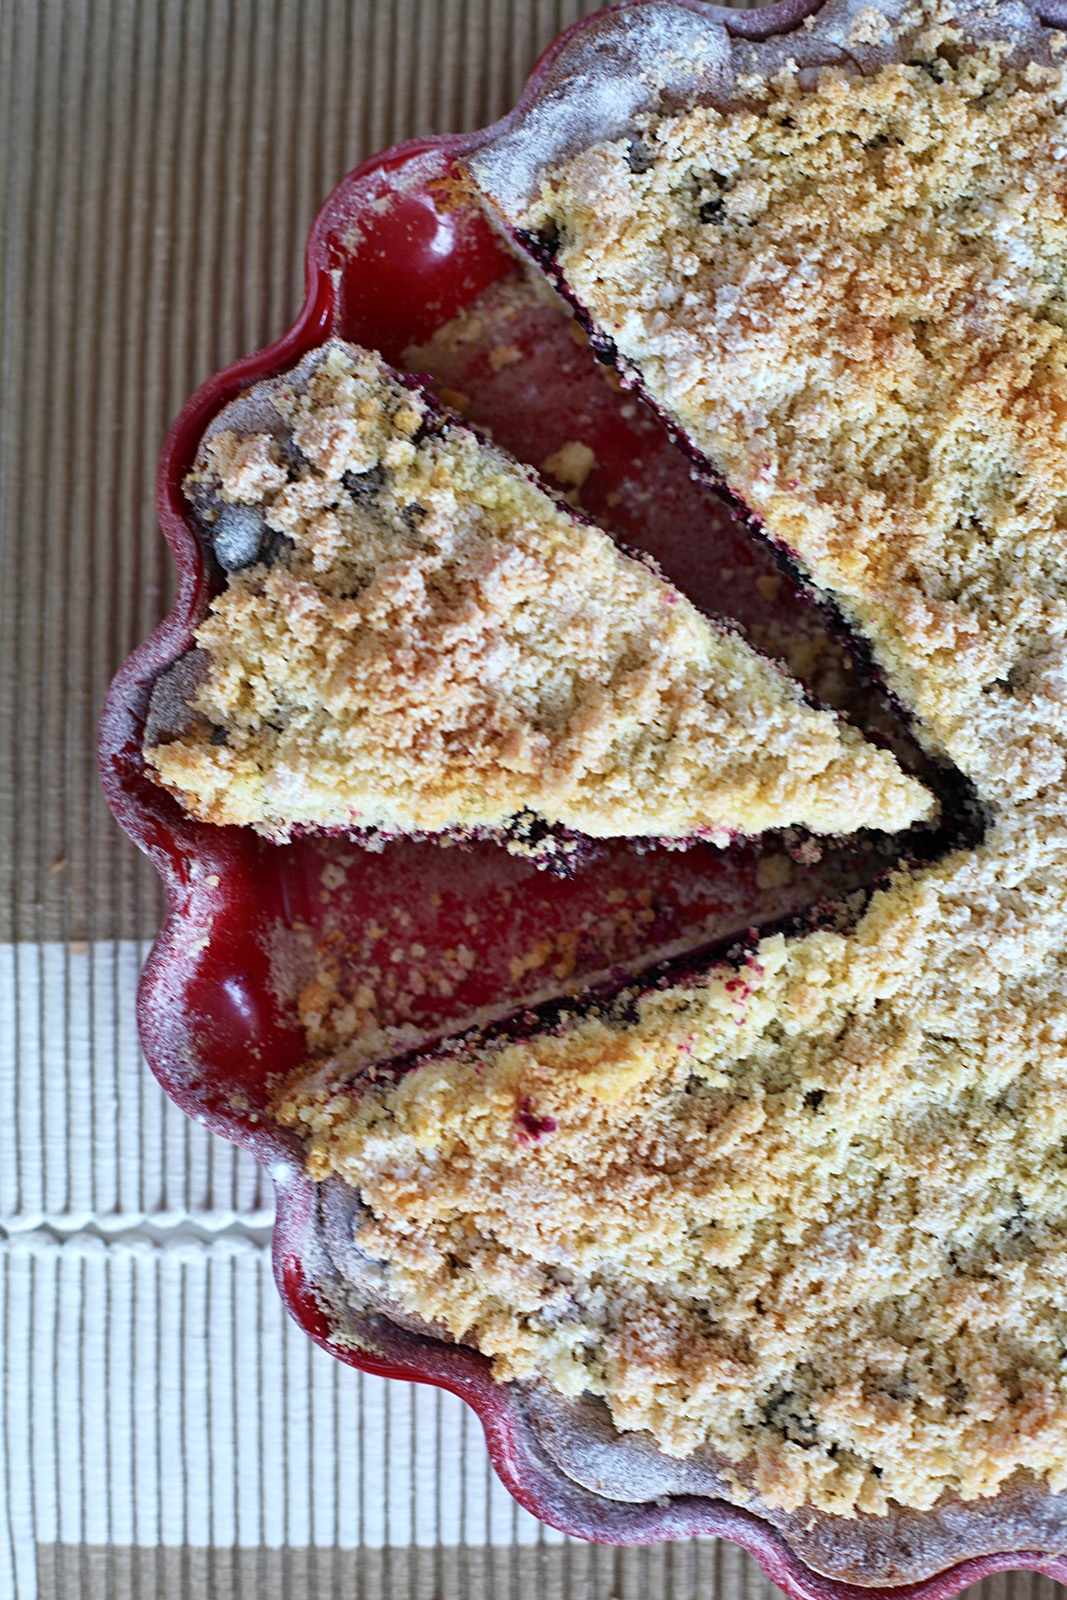 Lesní borůvky dodají koláči skvělou chuť